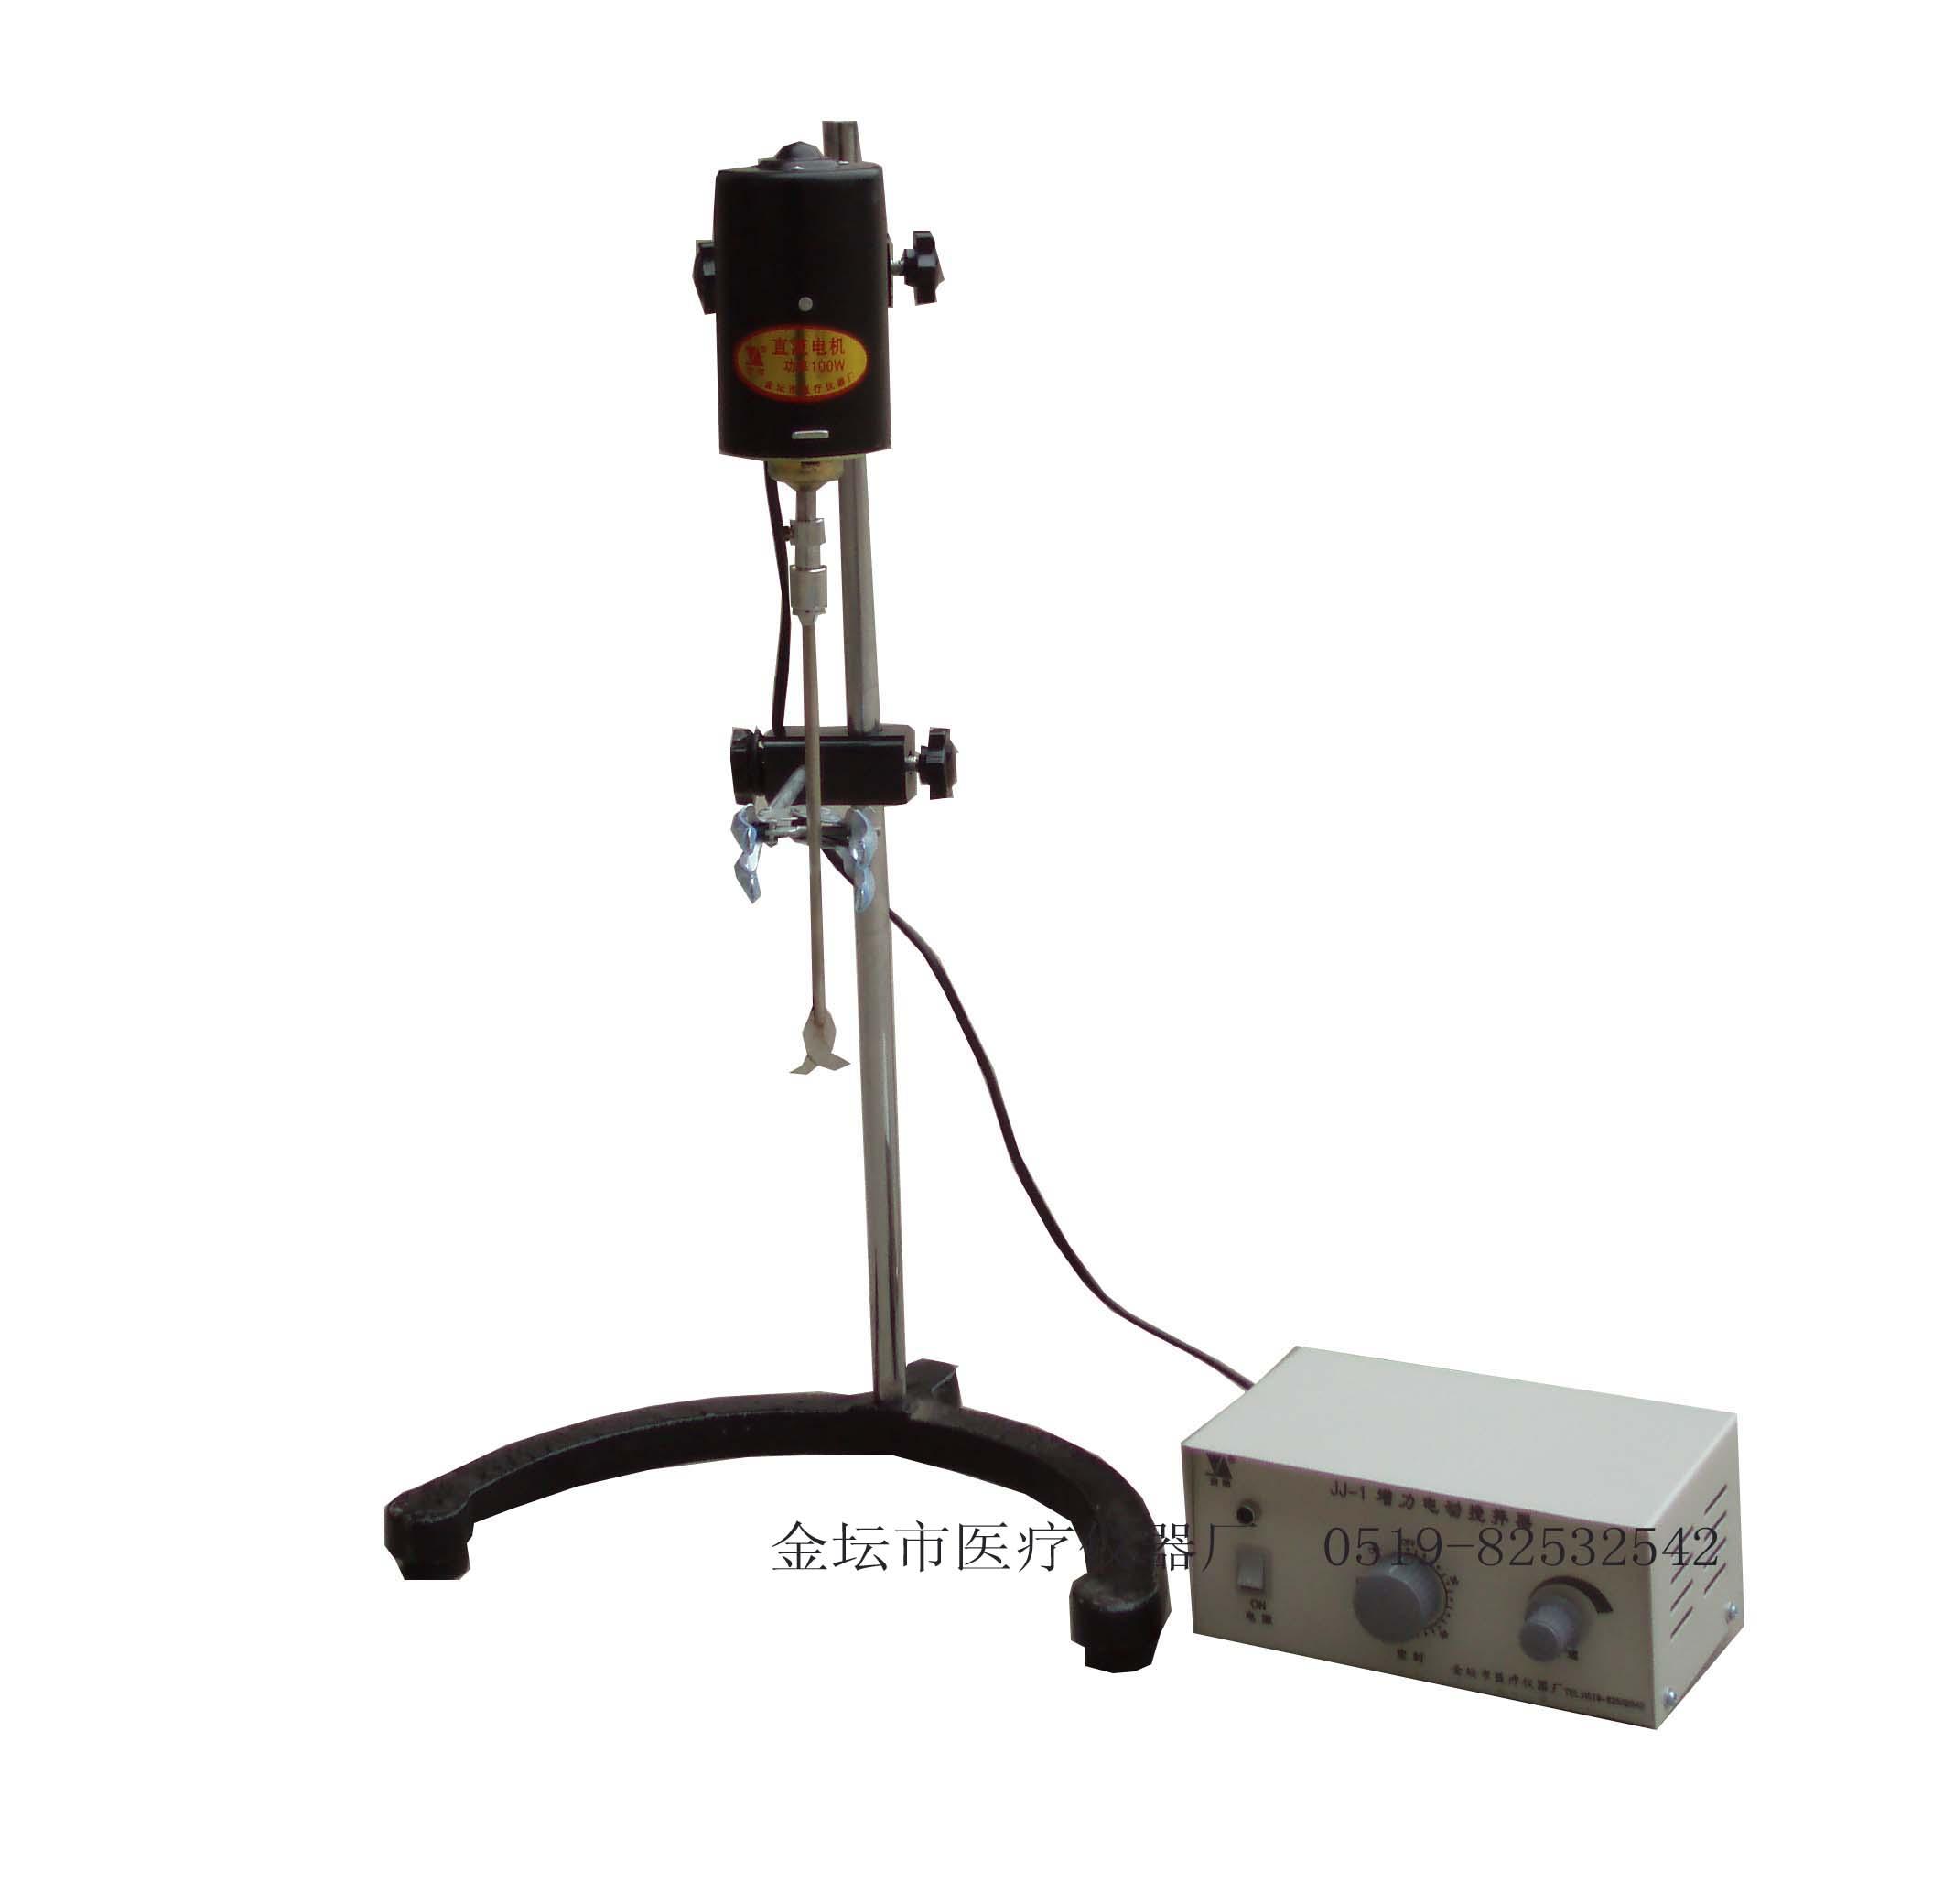 江苏金坛JJ-1 200W增力电动搅拌器